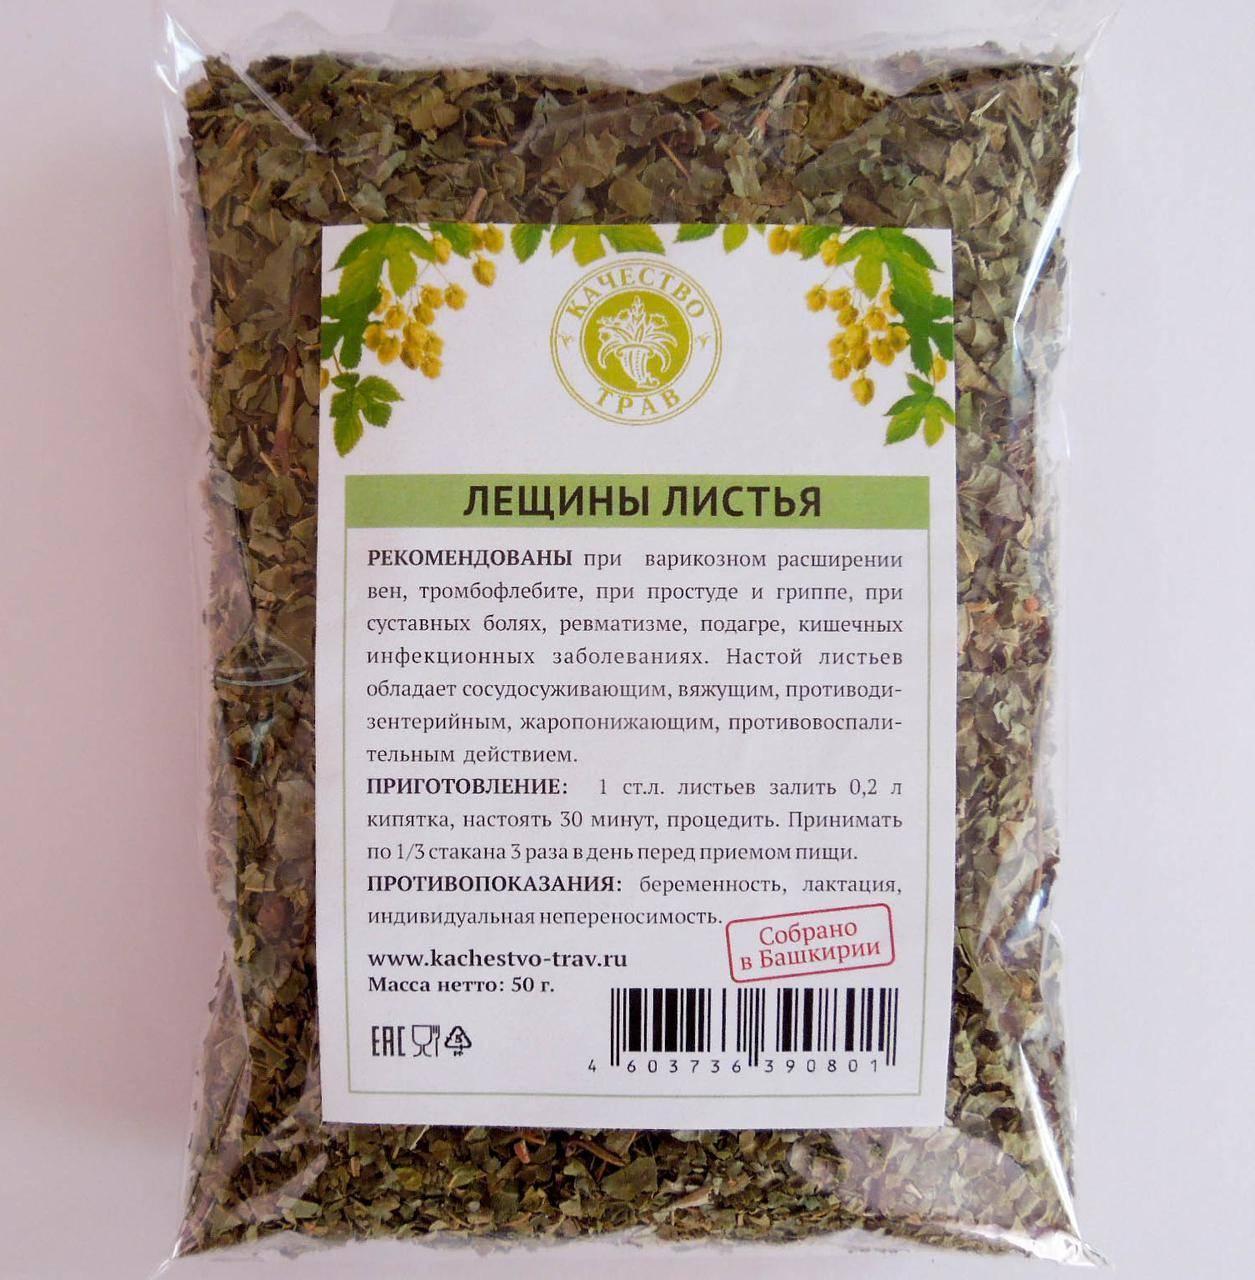 Лещина - полезные свойства и противопоказания к применению плодов, коры и листьев орешника лещина